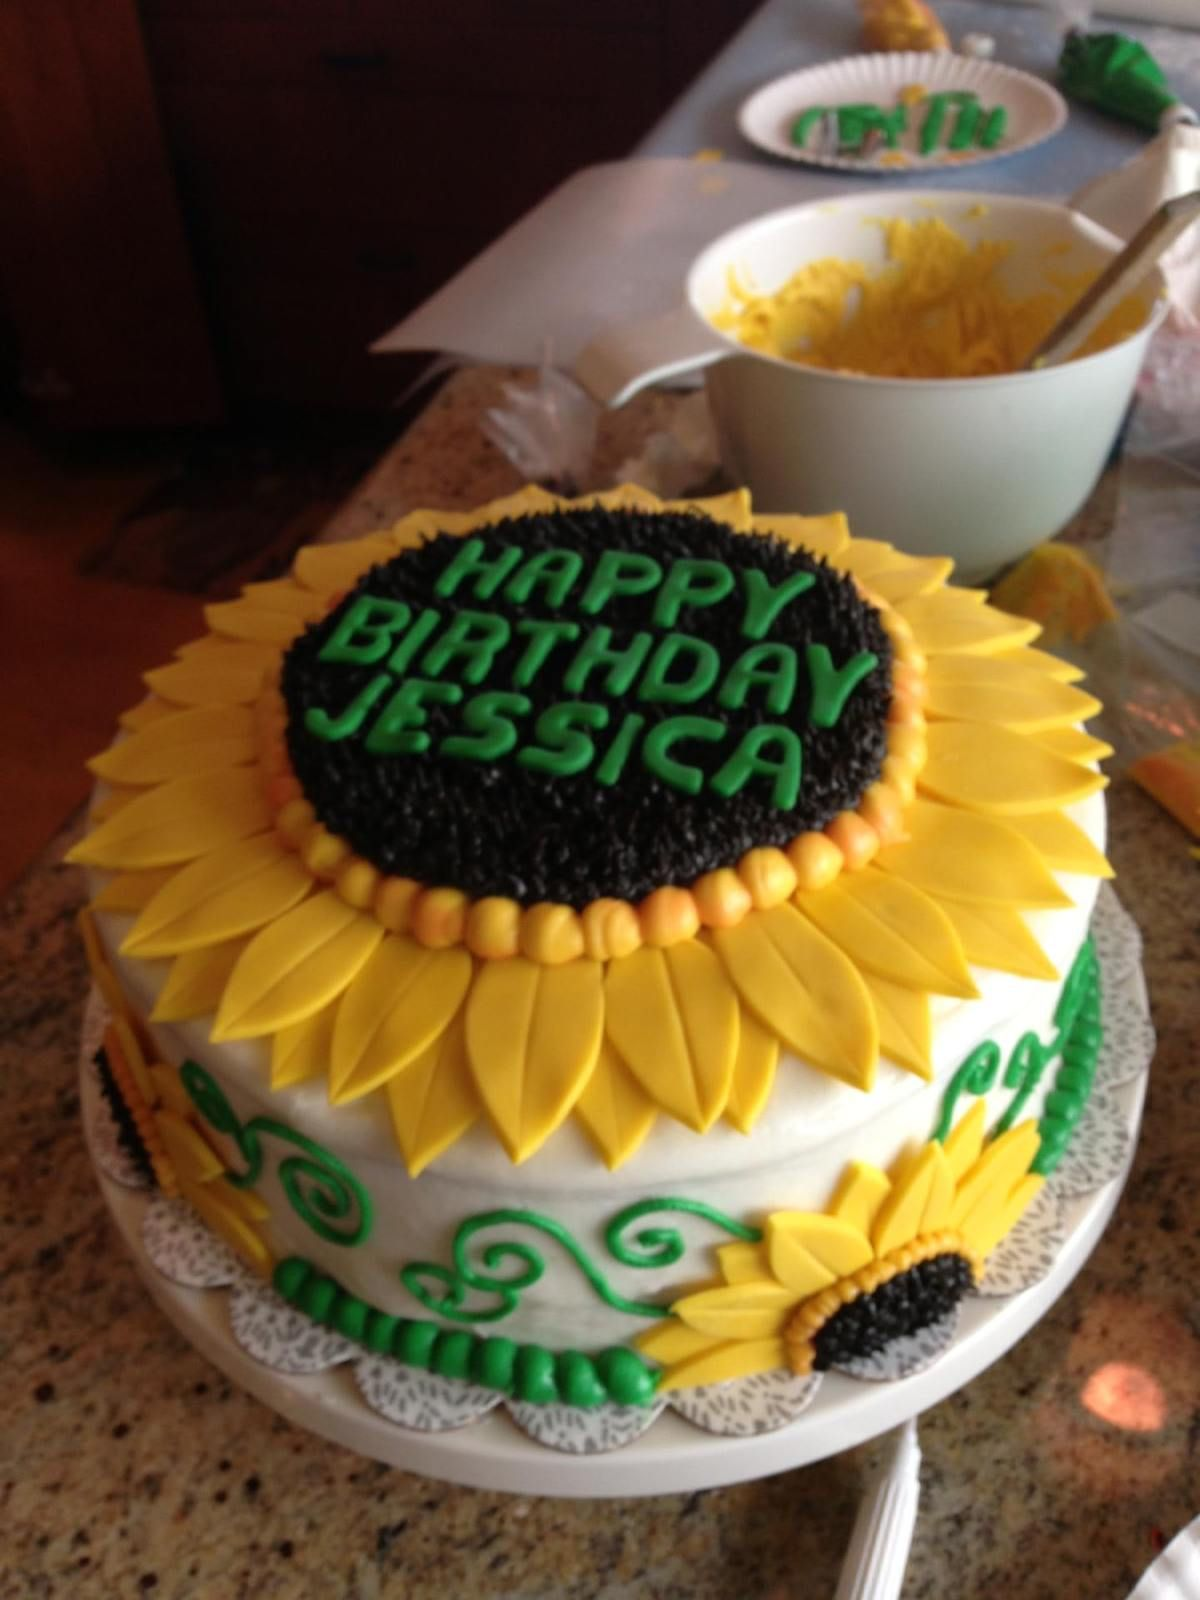 My 35th Birthday Cake Margarita Lemon Cake With Tequila